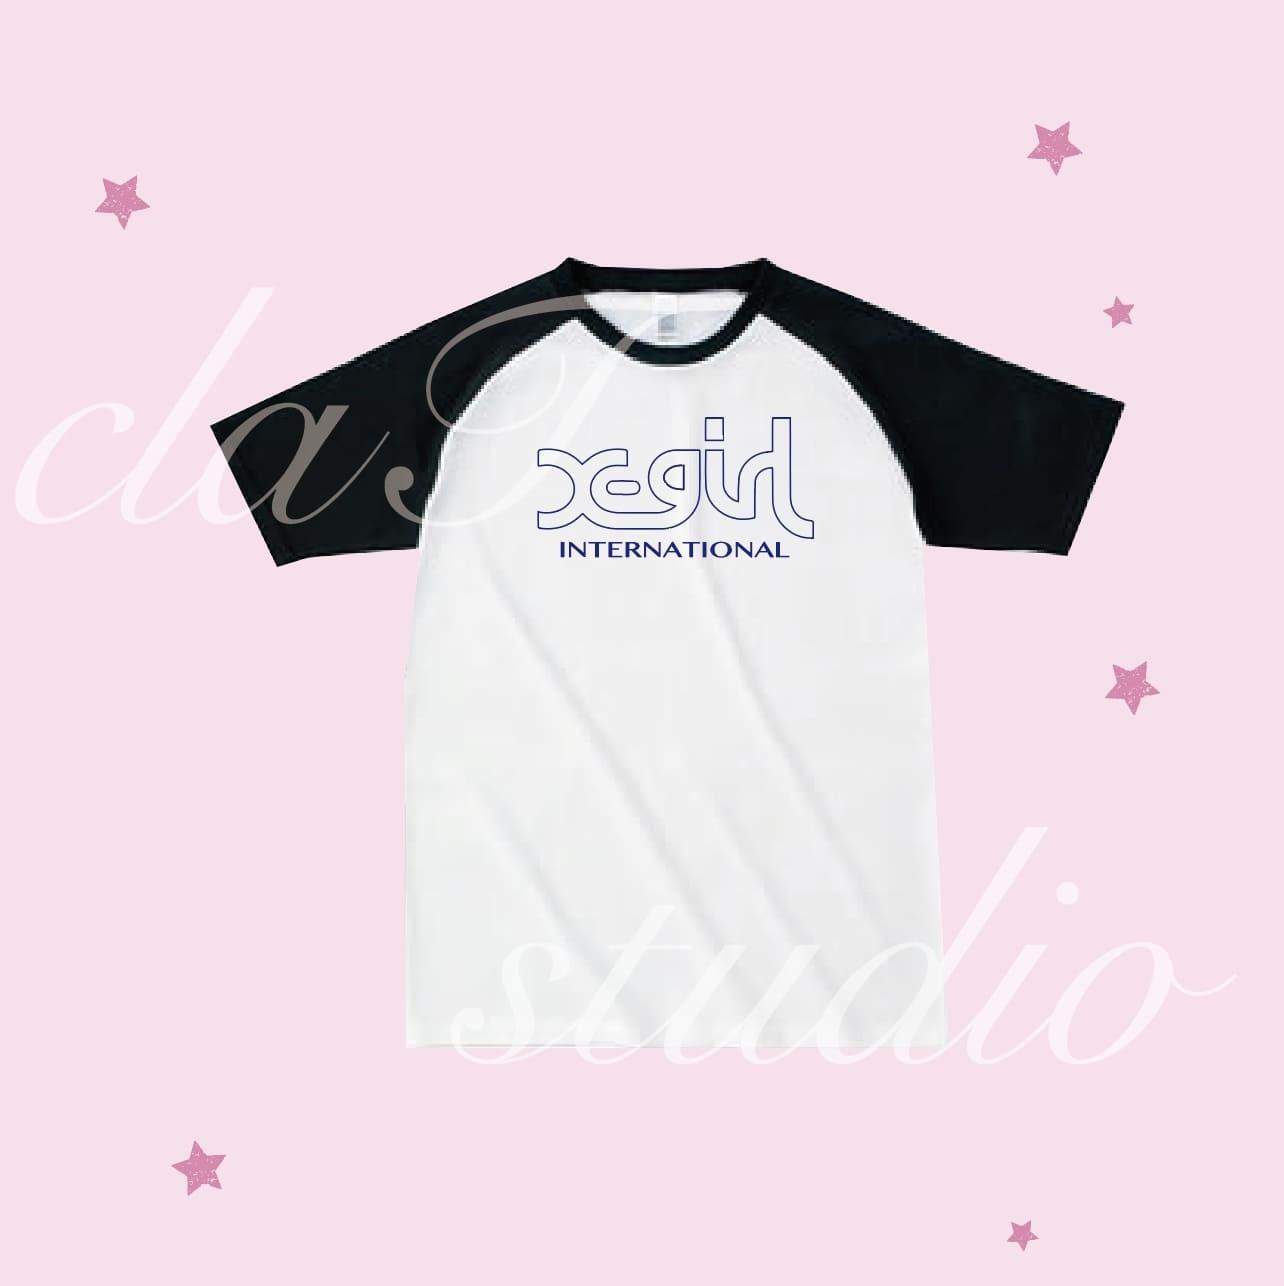 XGirl_design_0001